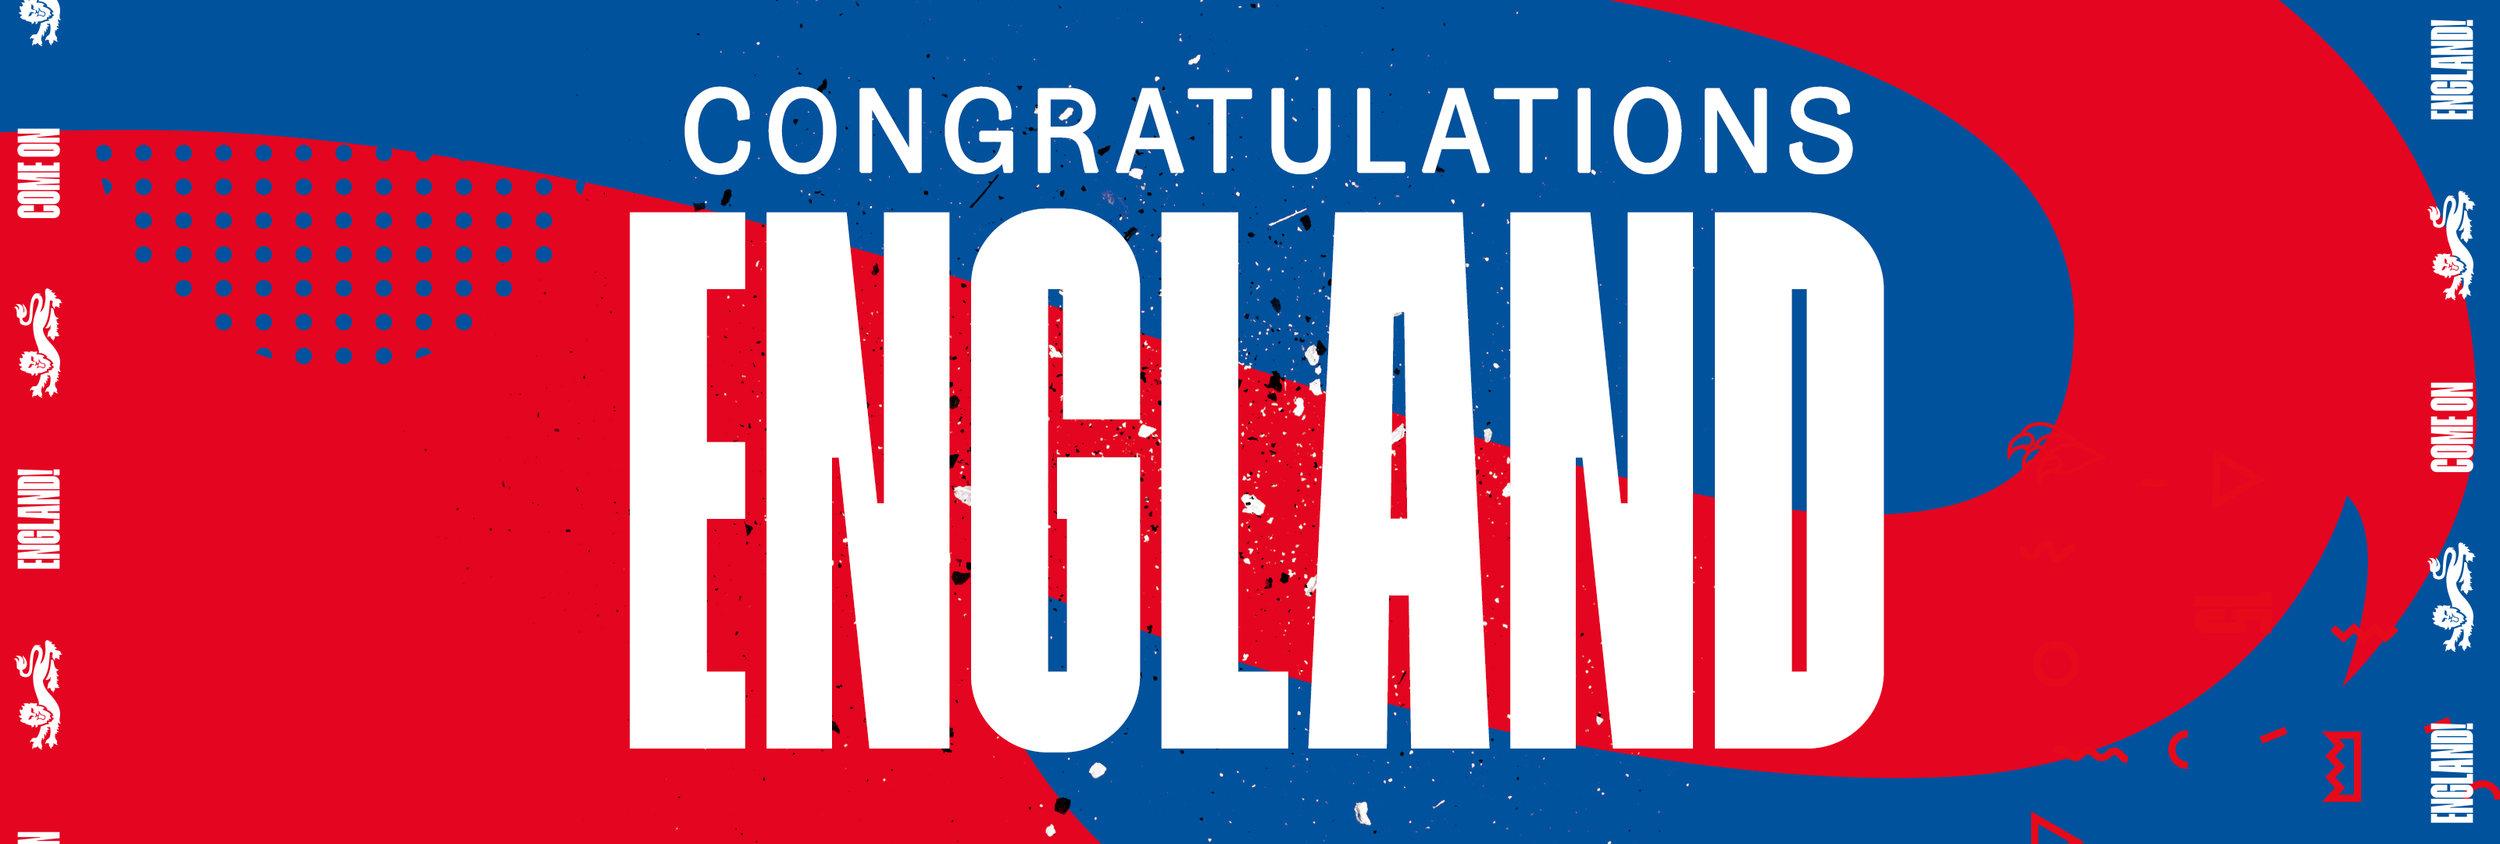 IBS_congrats.jpg